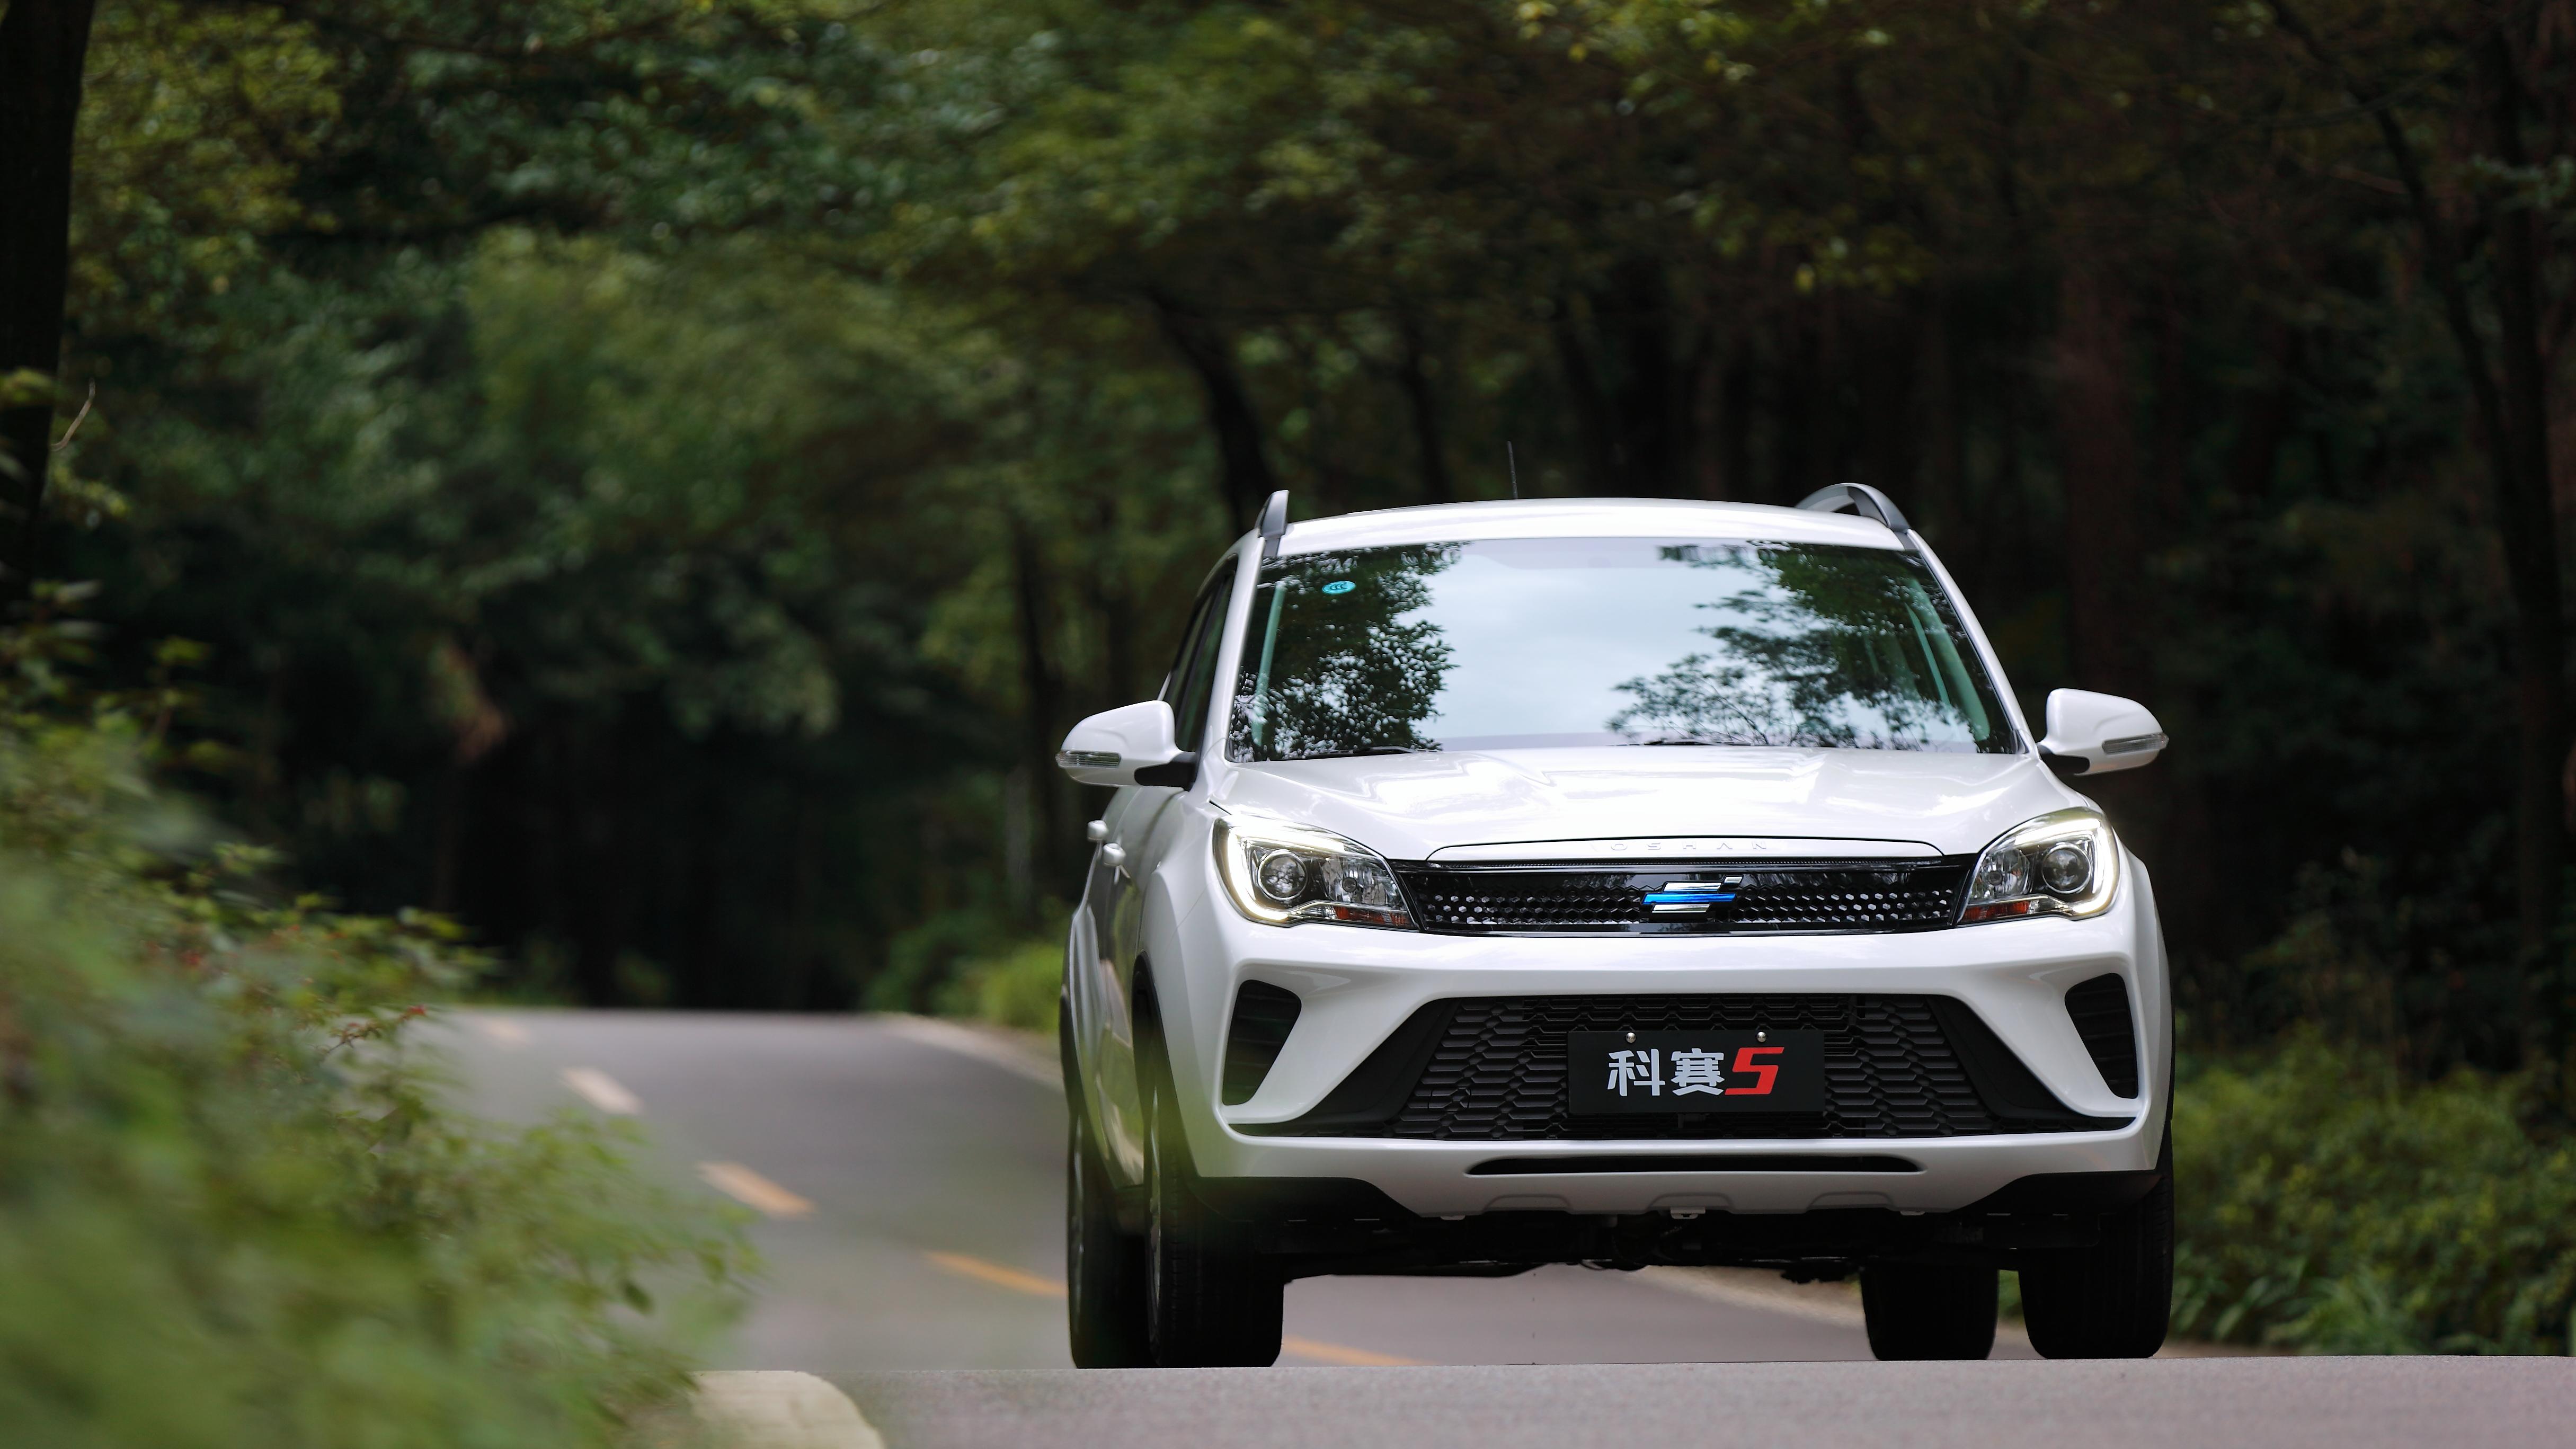 自降1.1万,还比竞品便宜1.2万,长安欧尚科赛5能否撬开5-8万元小型车市场?